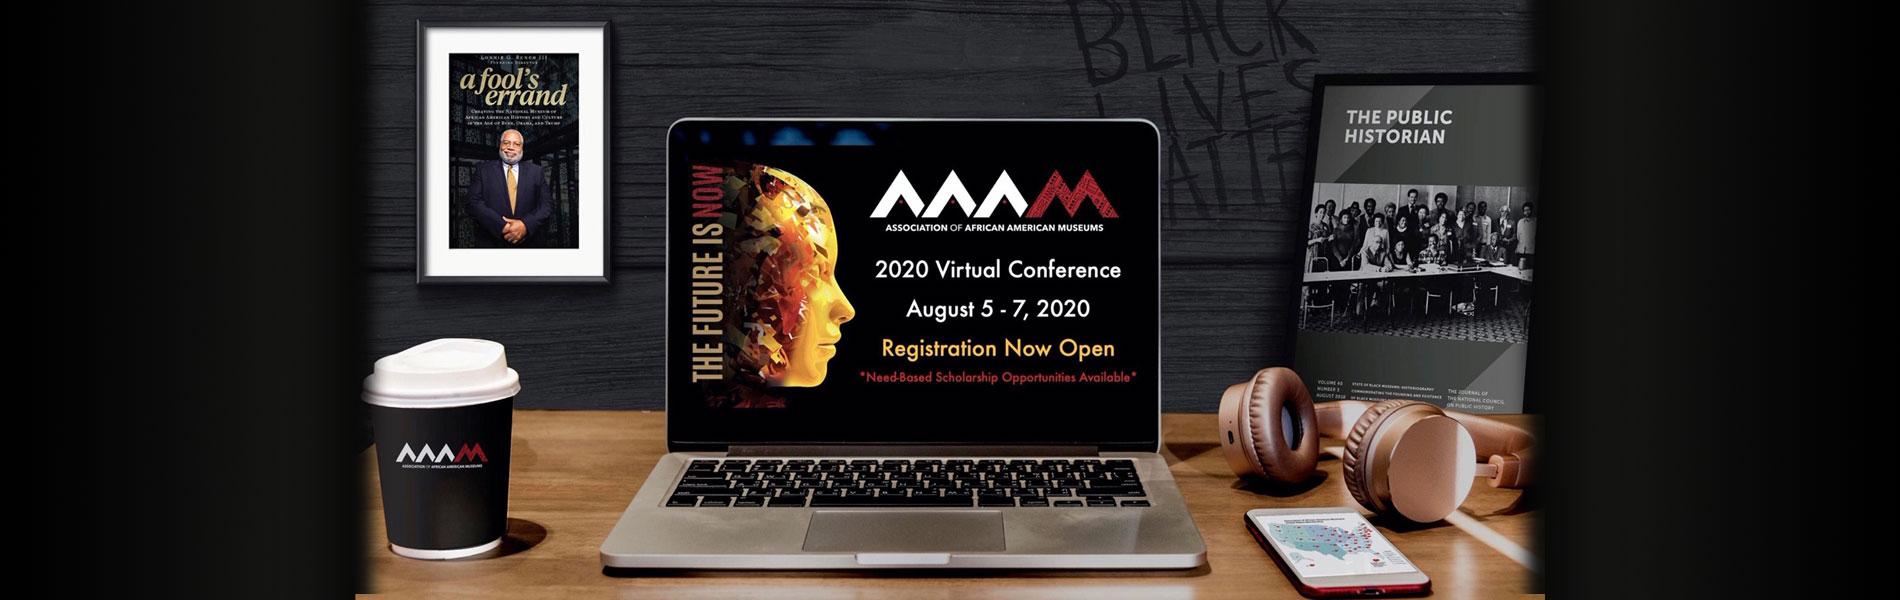 2020 conference registration